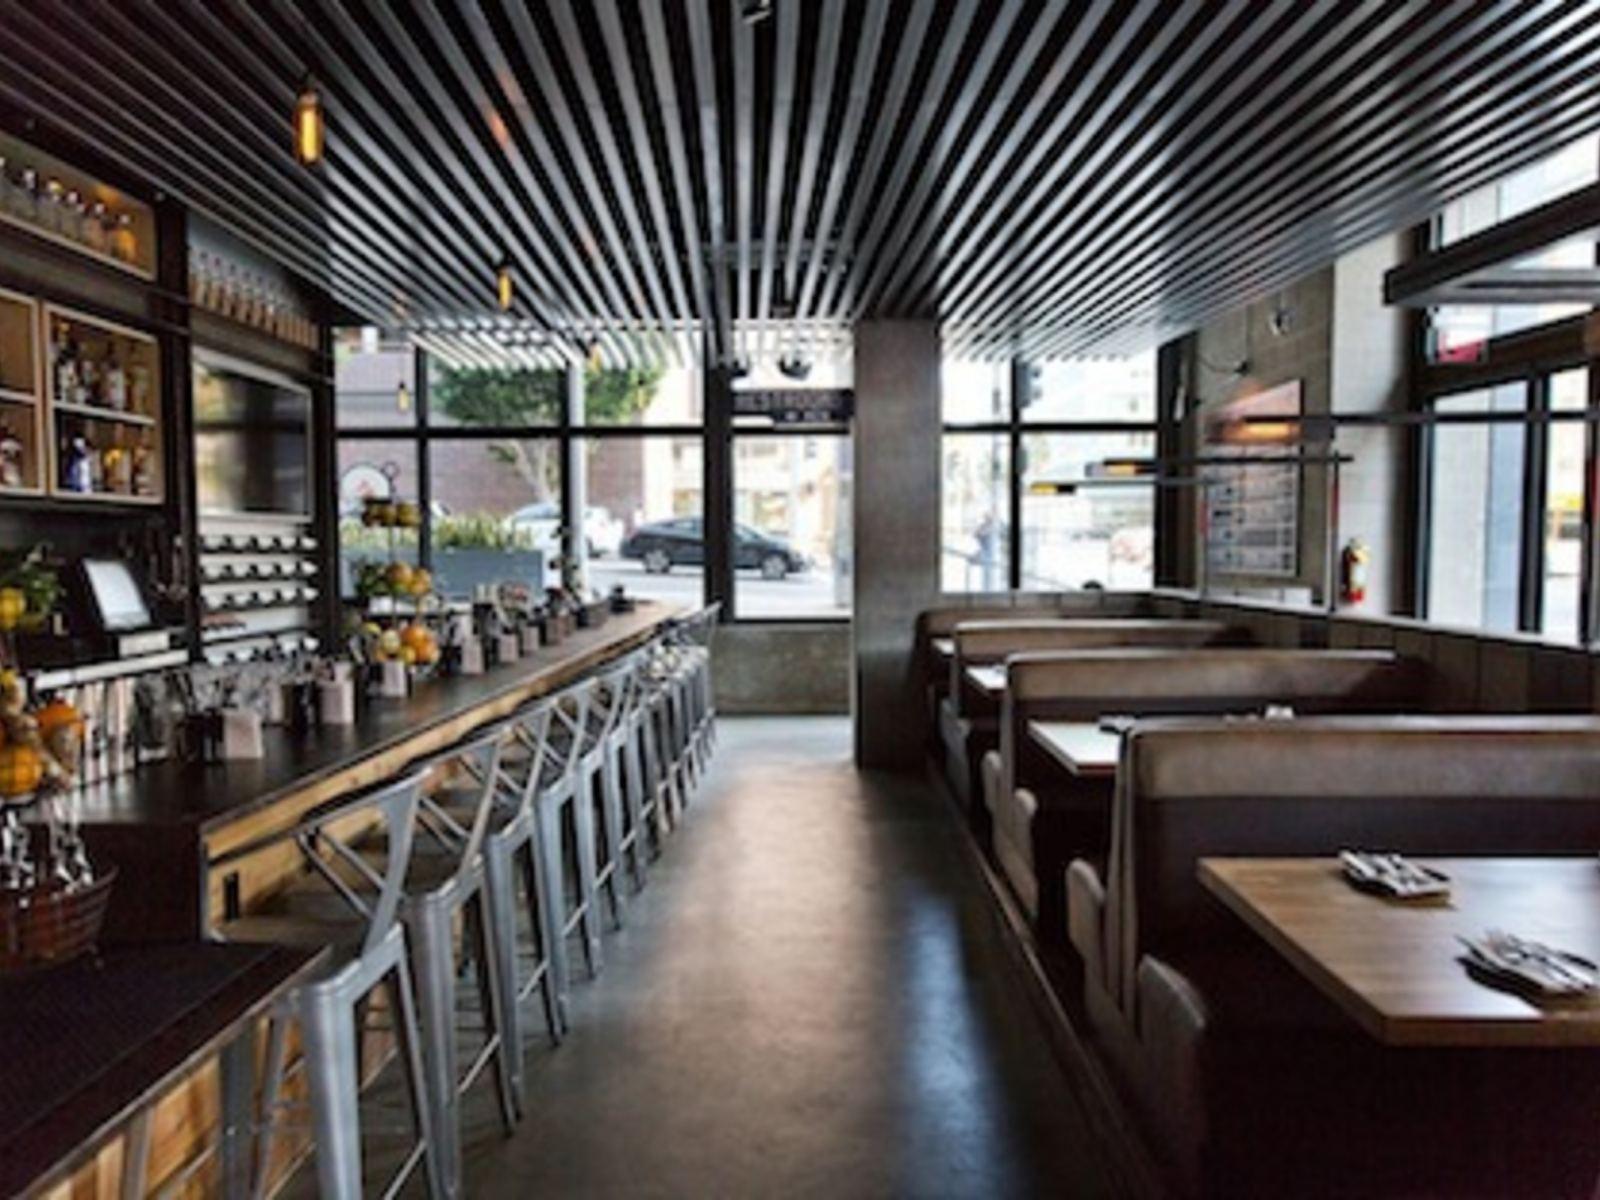 Plan Check Kitchen Bar Downtown La Discover Los Angeles